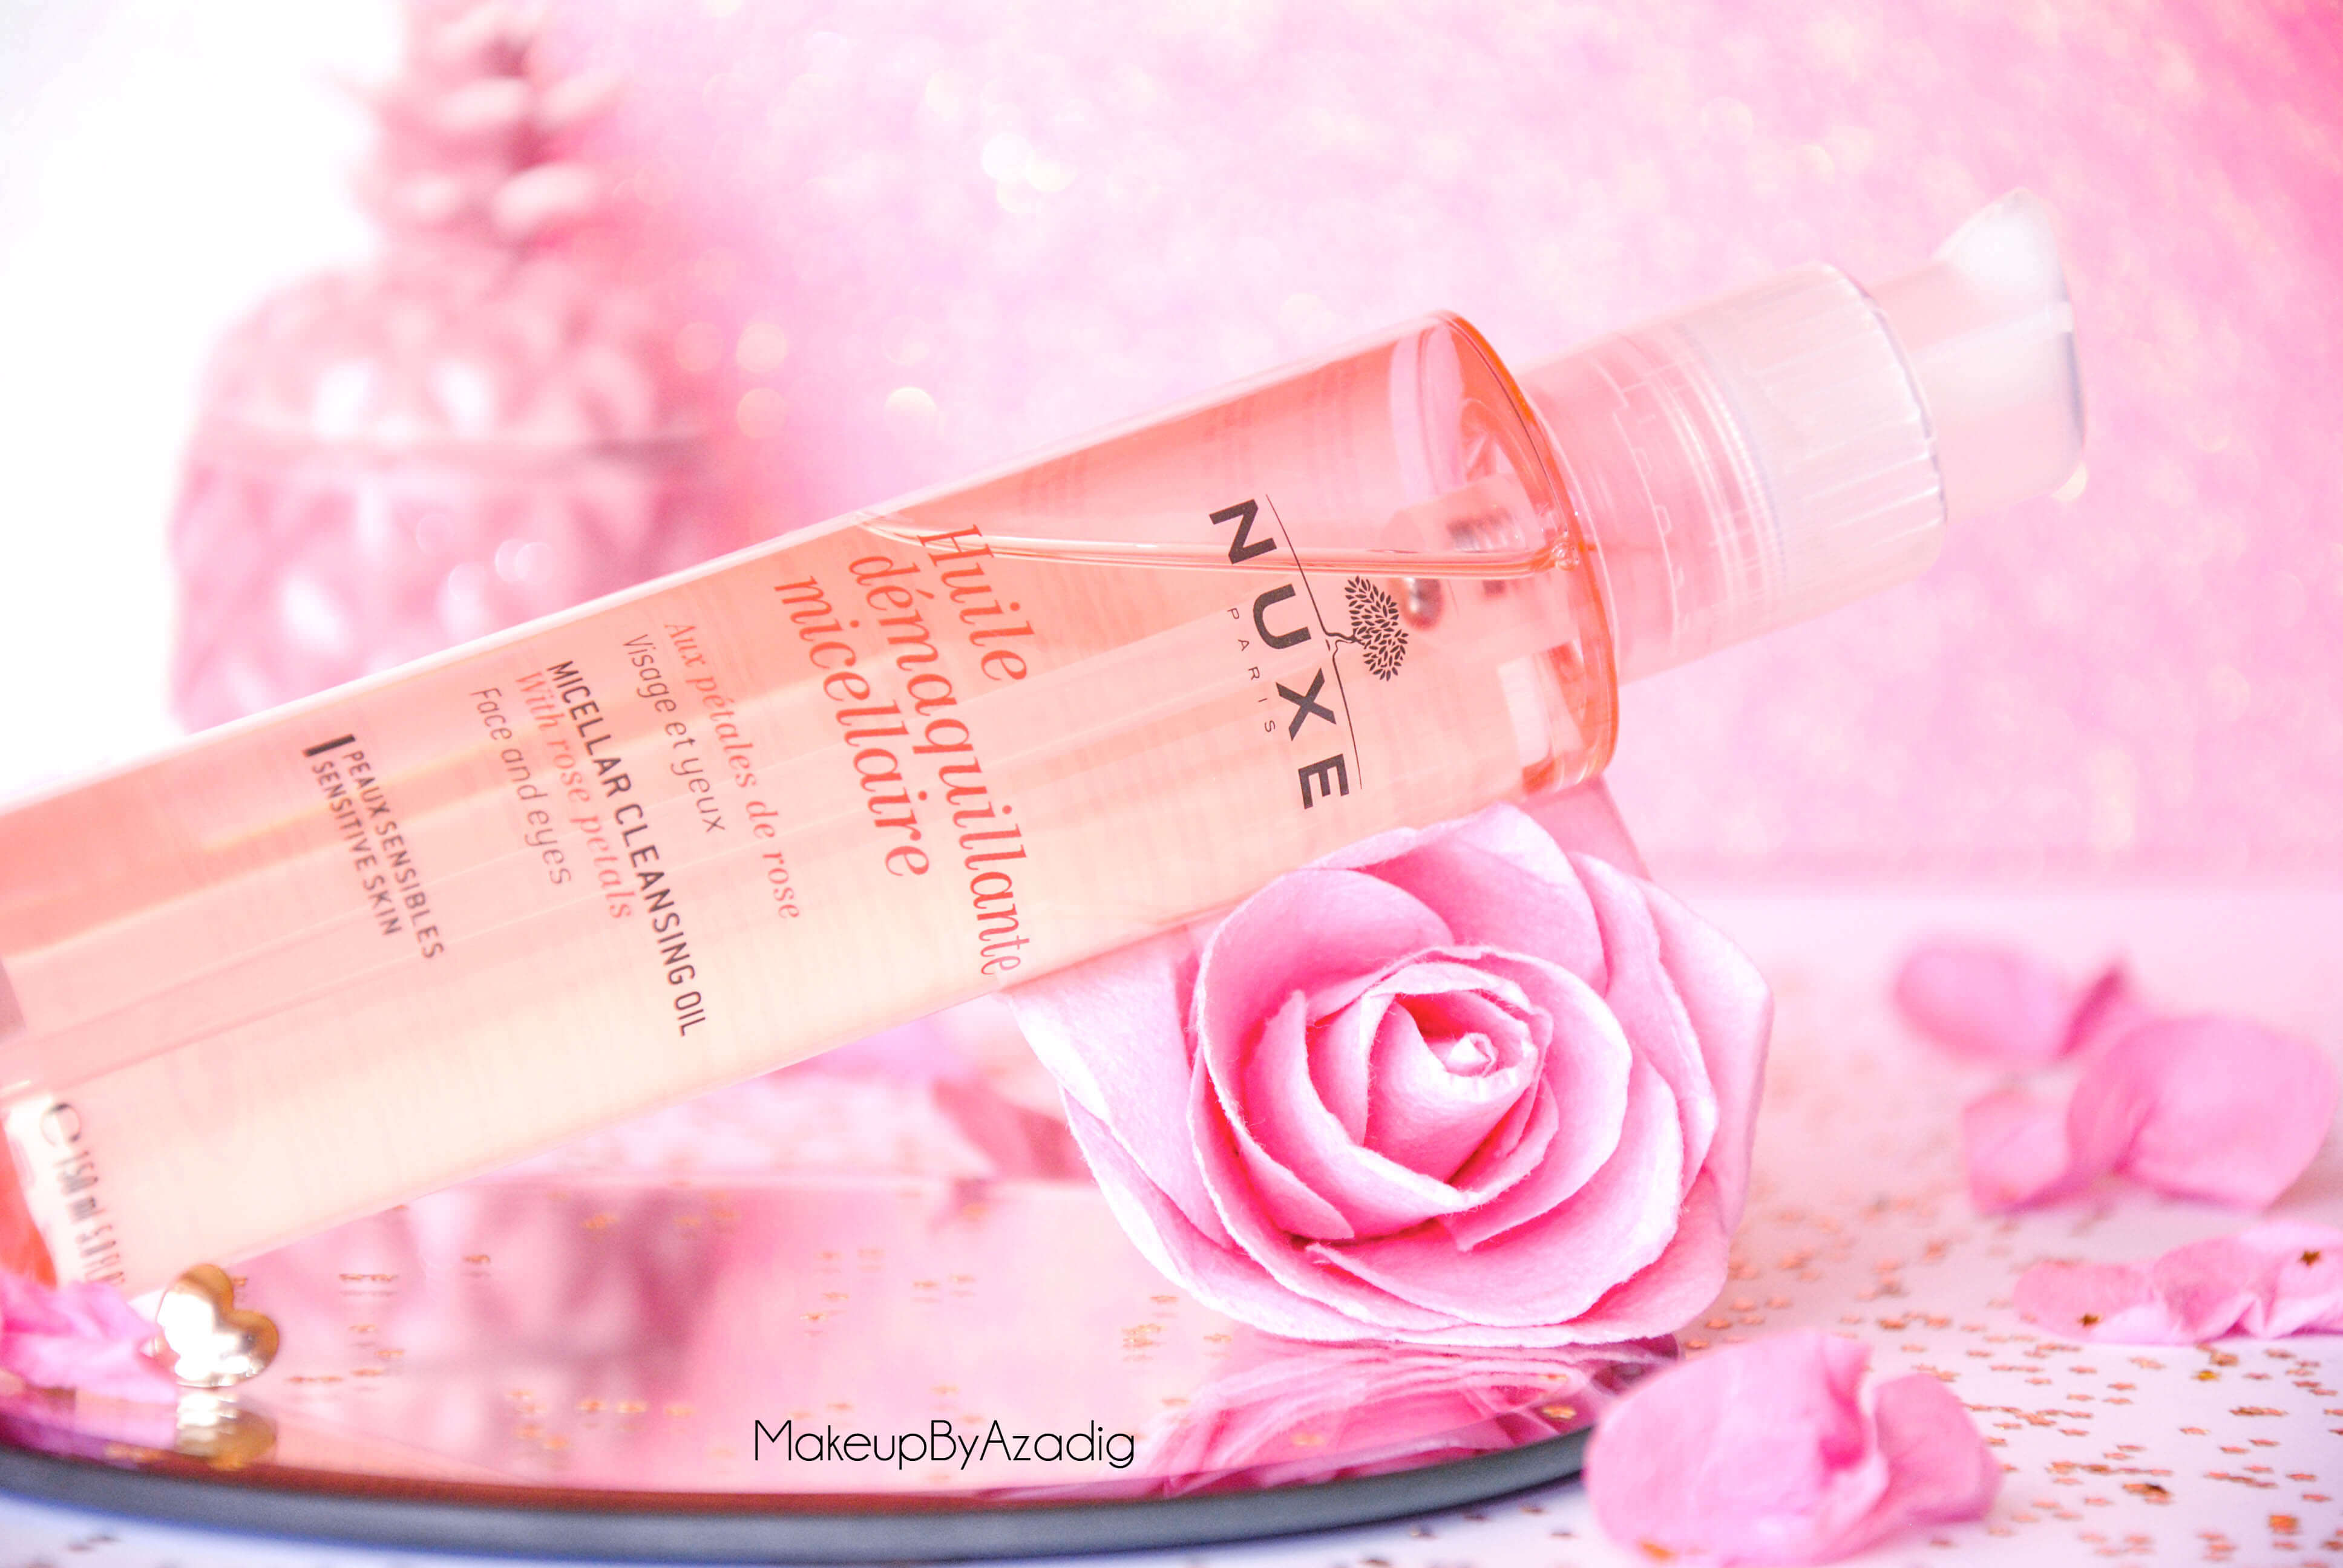 makeupbyazadig-huile-demaquillante-micellaire-nuxe-petales-de-rose-doctipharma-revue-avis-prix-pink